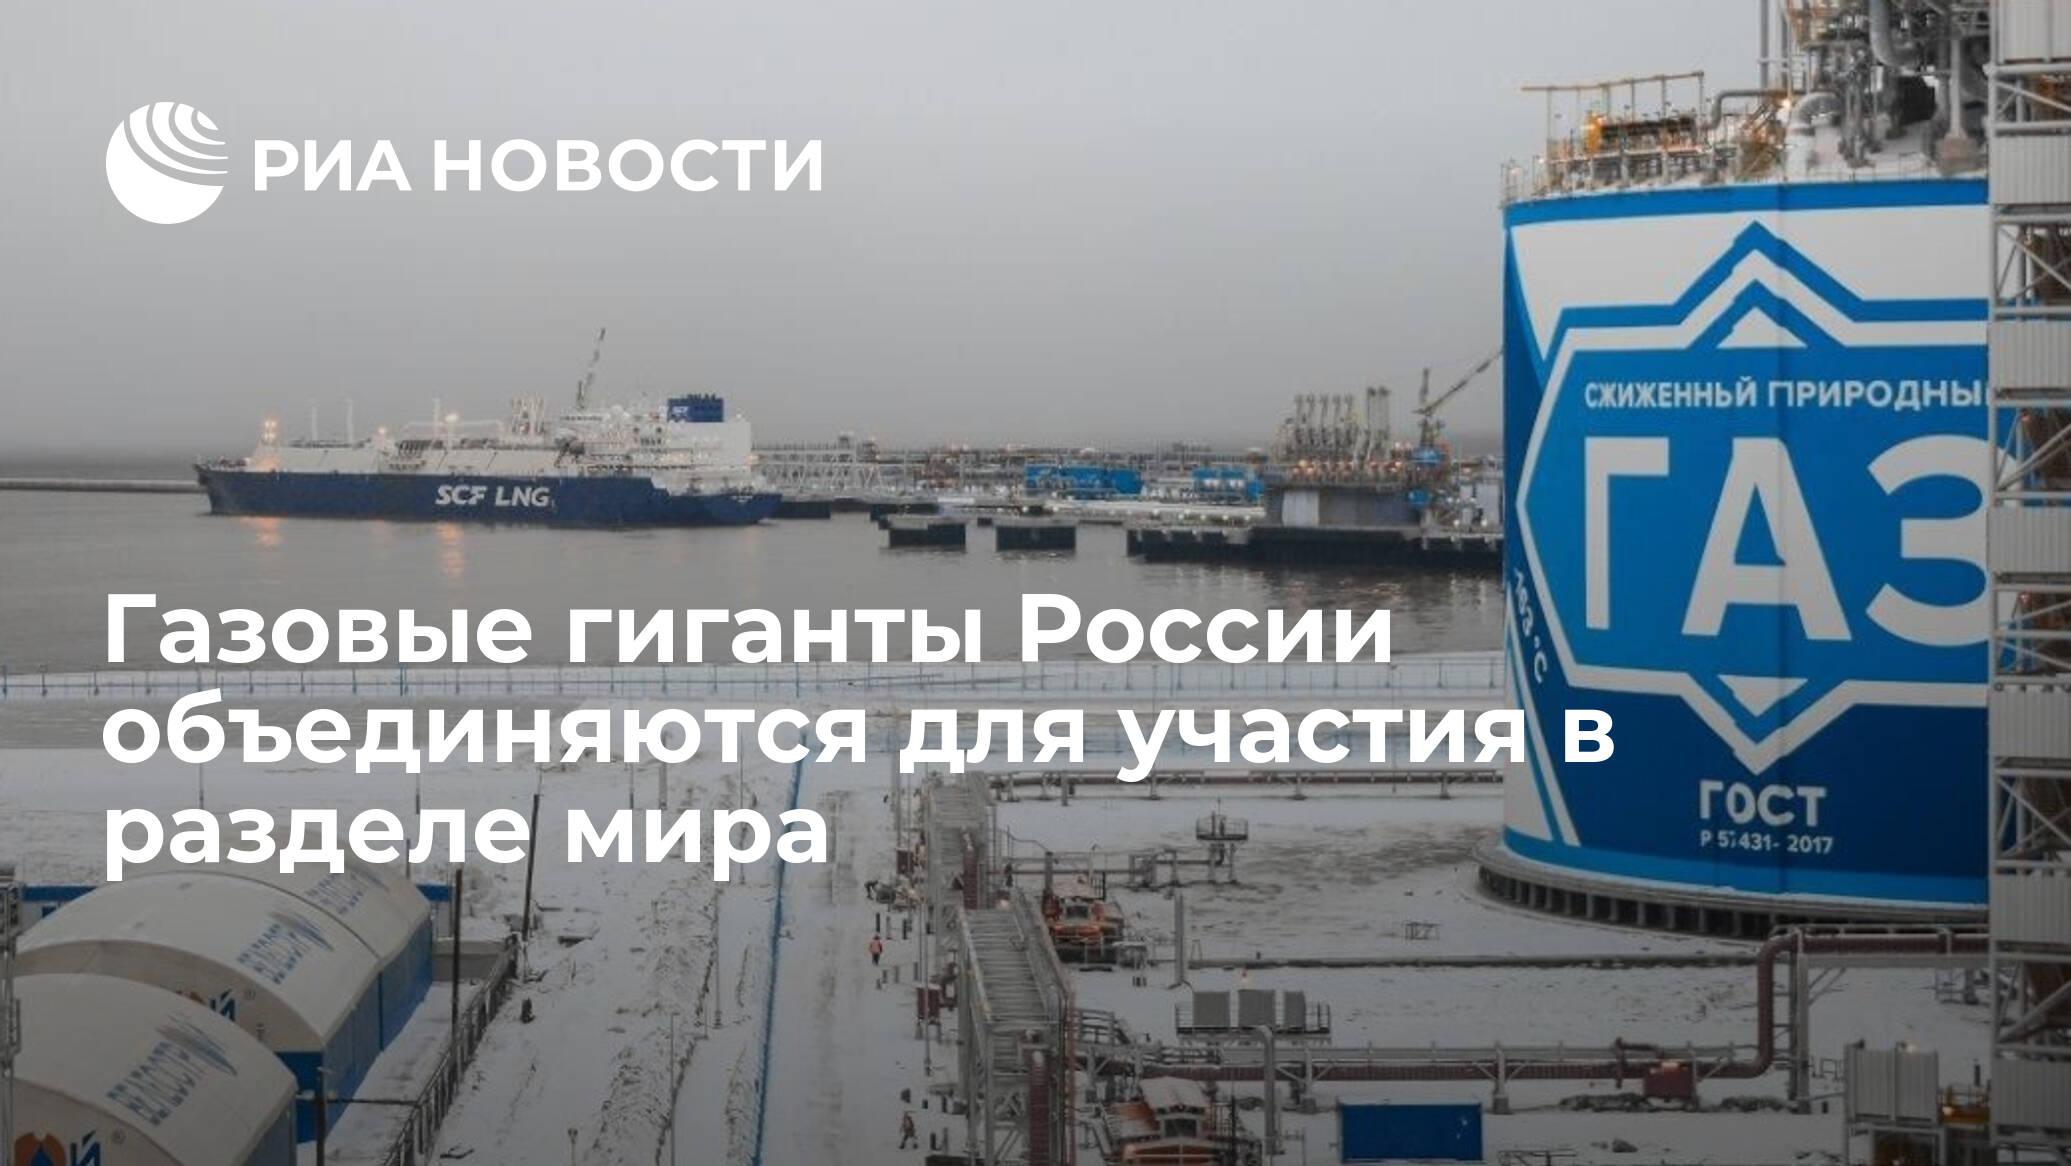 Газовые гиганты России объединяются для участия в разделе мира